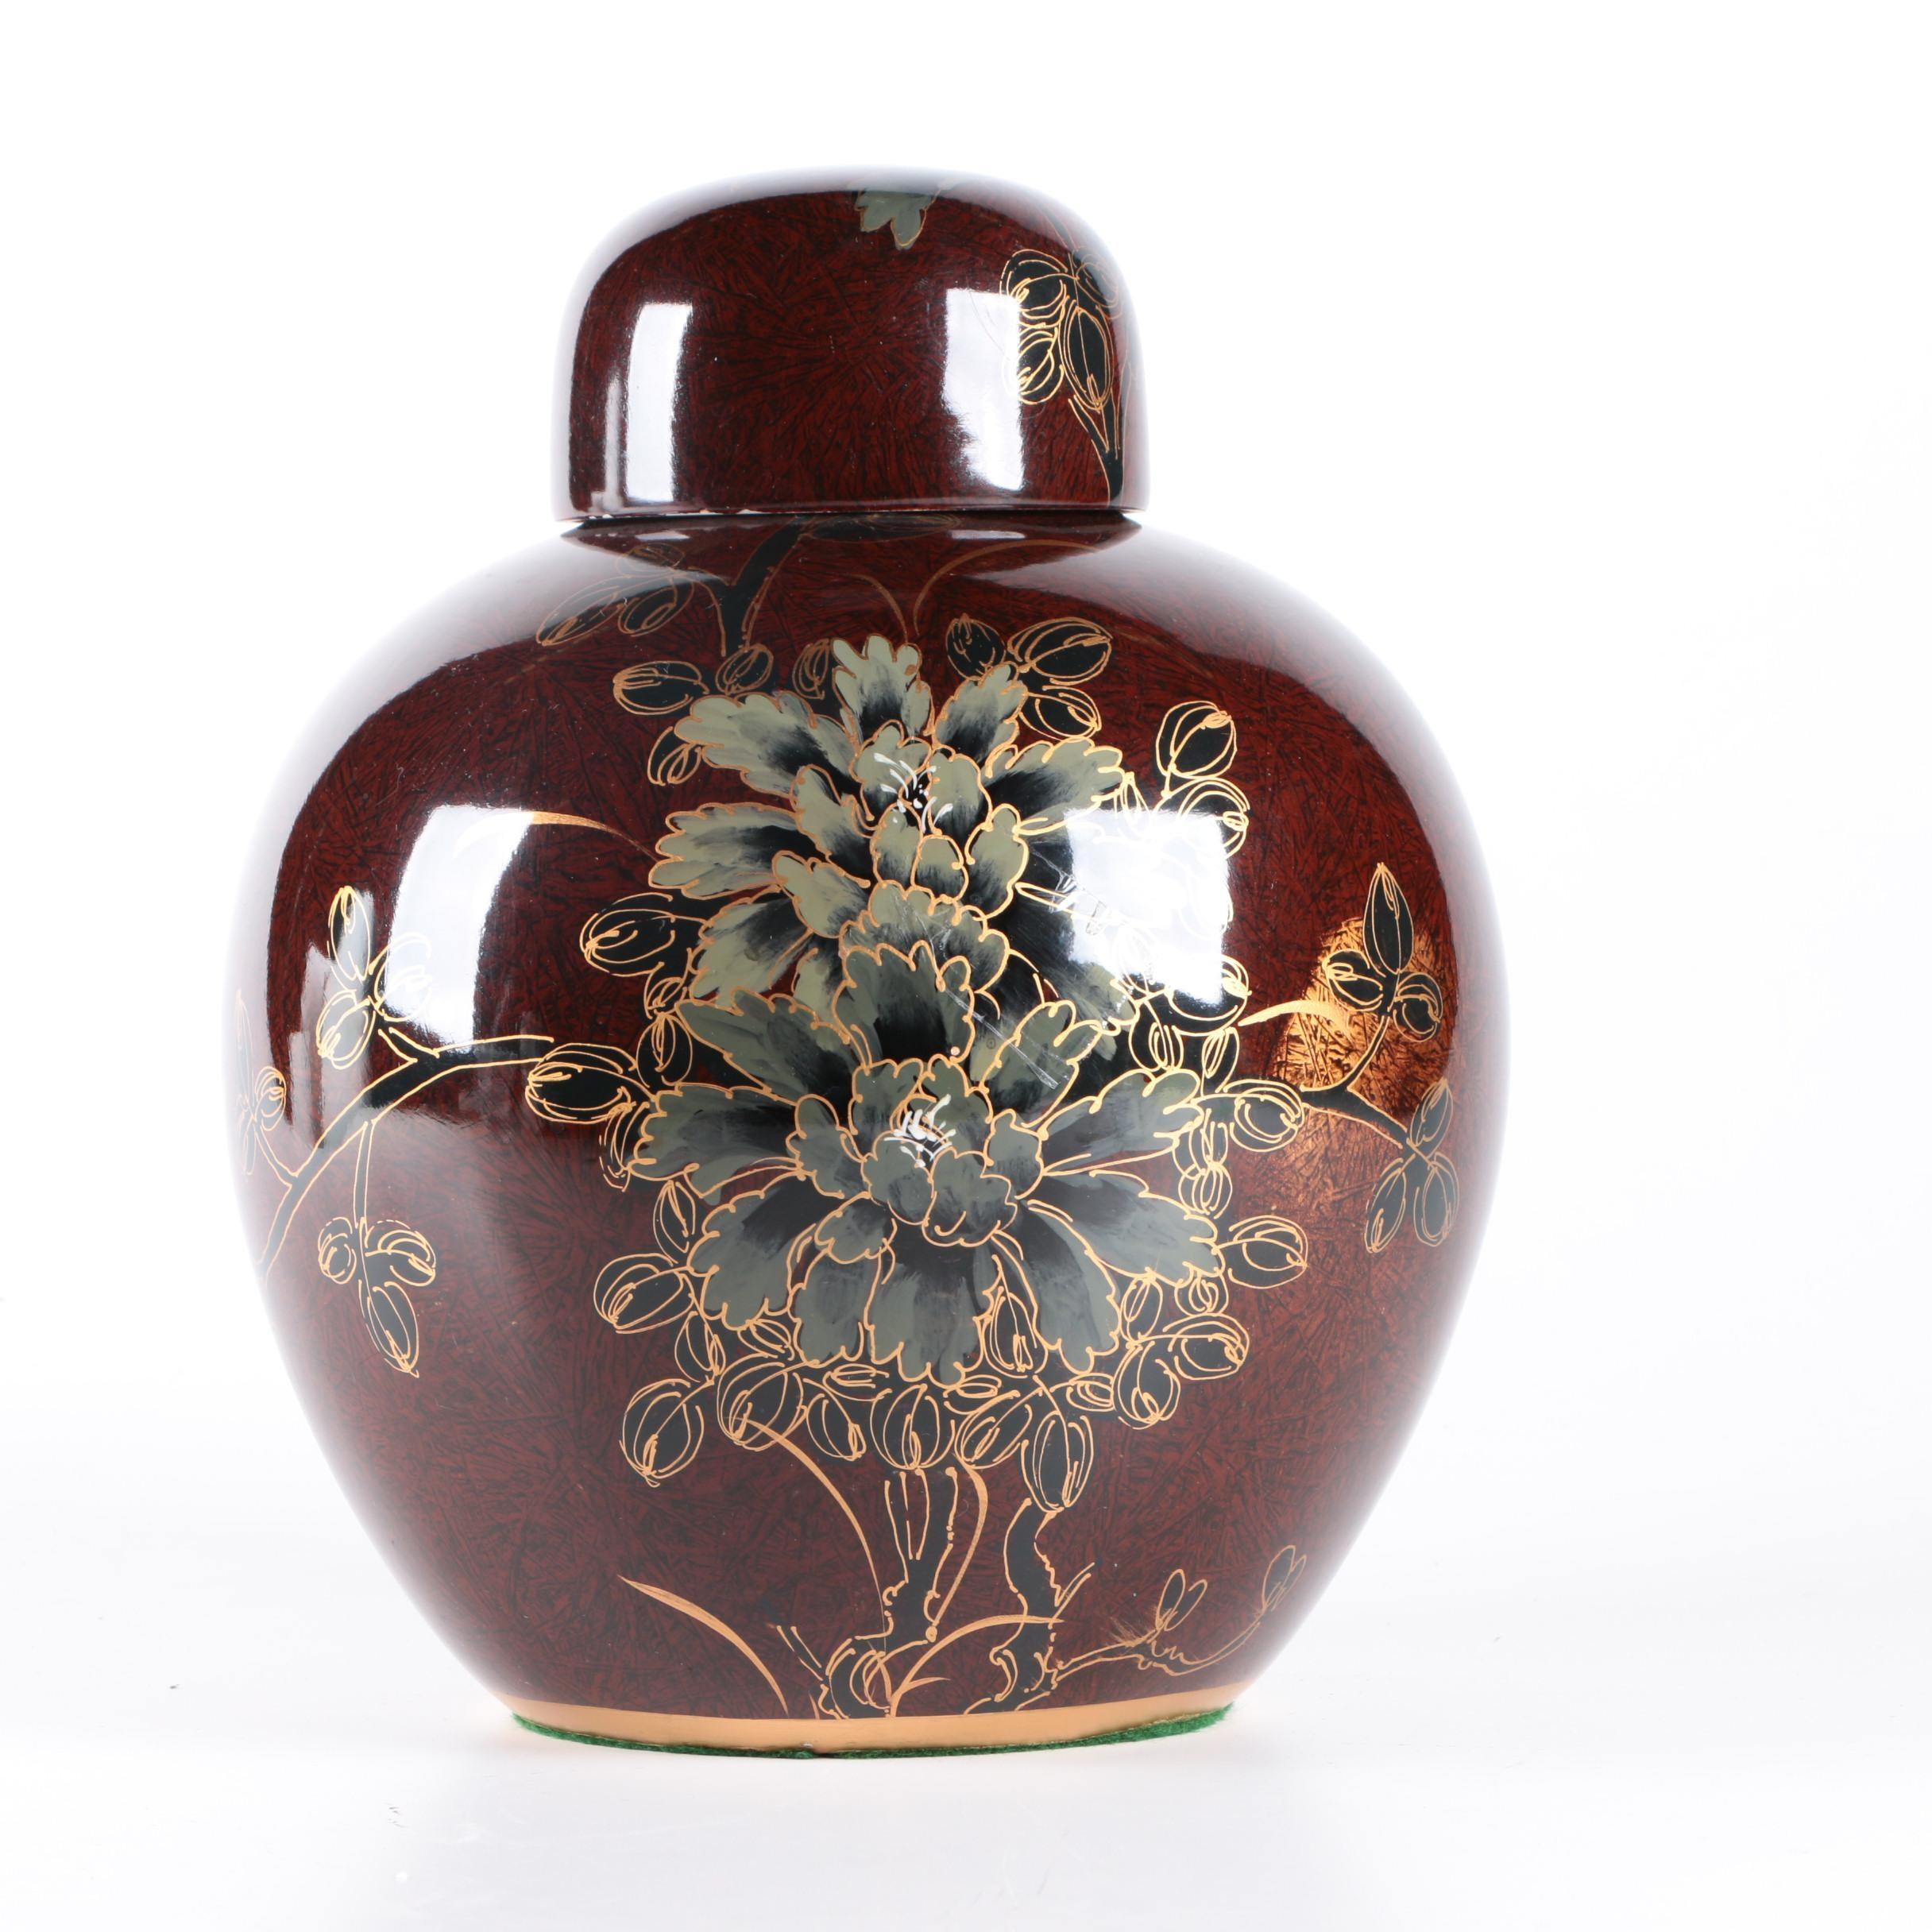 Asian Ceramic Ginger Jar